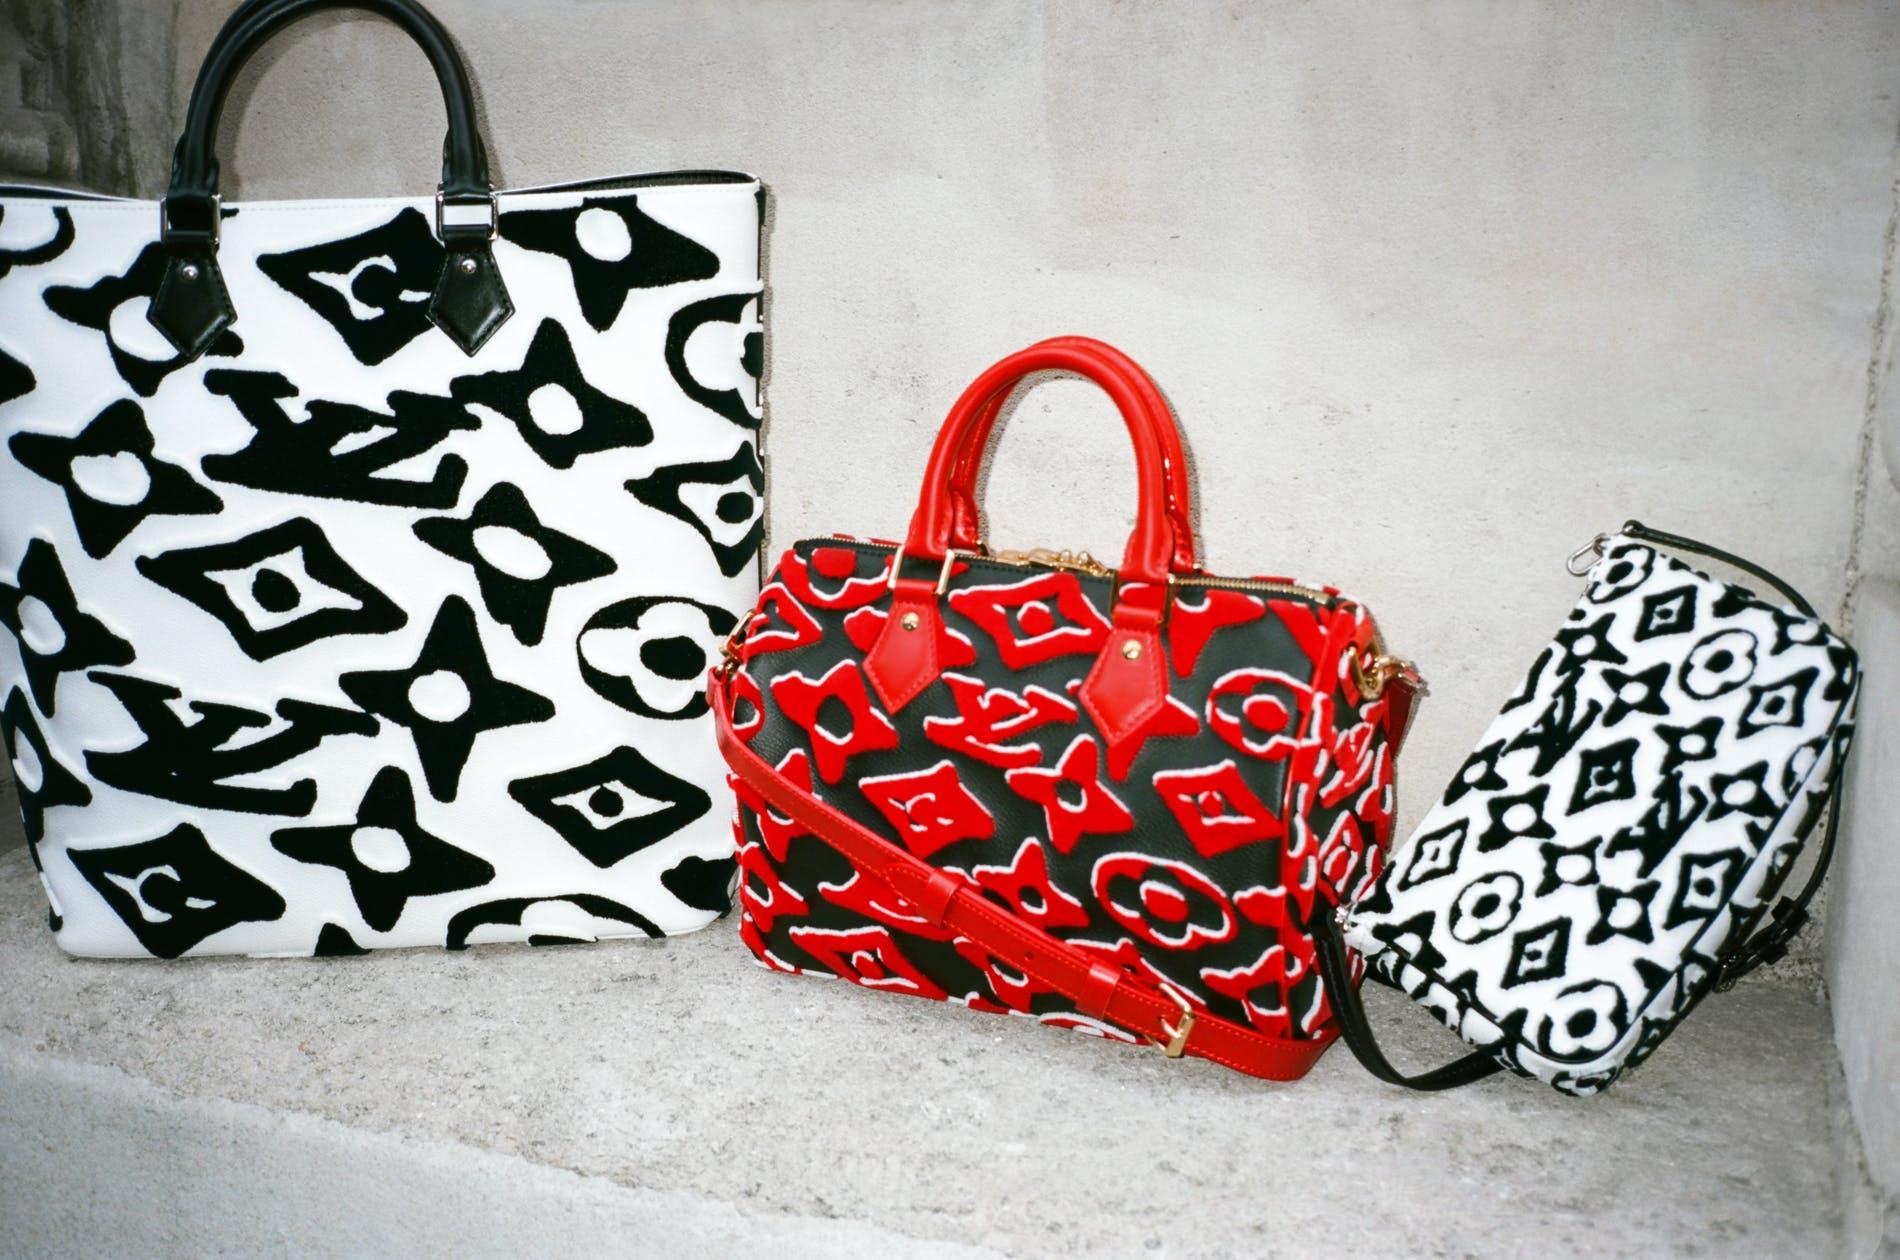 Louis Vuitton ra mắt phiên bản cực thú vị của họa tiết monogram kinh điển - hình ảnh 3